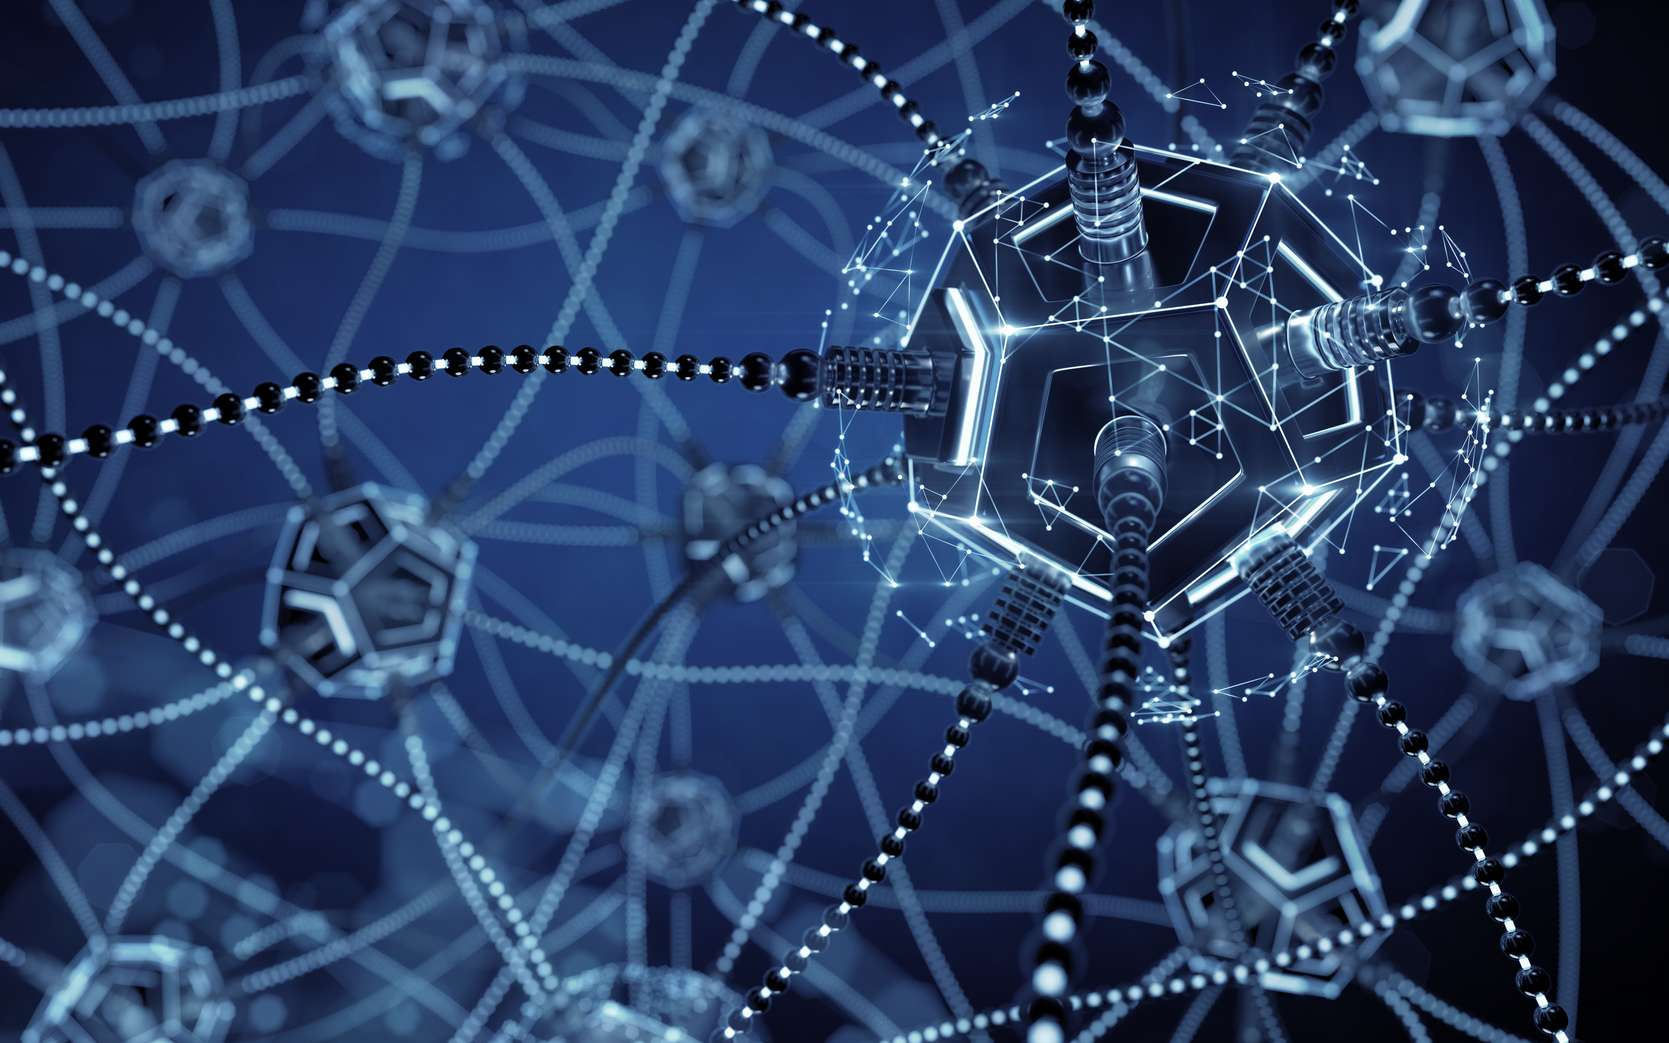 L'apprentissage automatique non supervisé est l'un des nouveaux axes de développement pour l'intelligence artificielle. © Sergey Tarasov, Fotolia